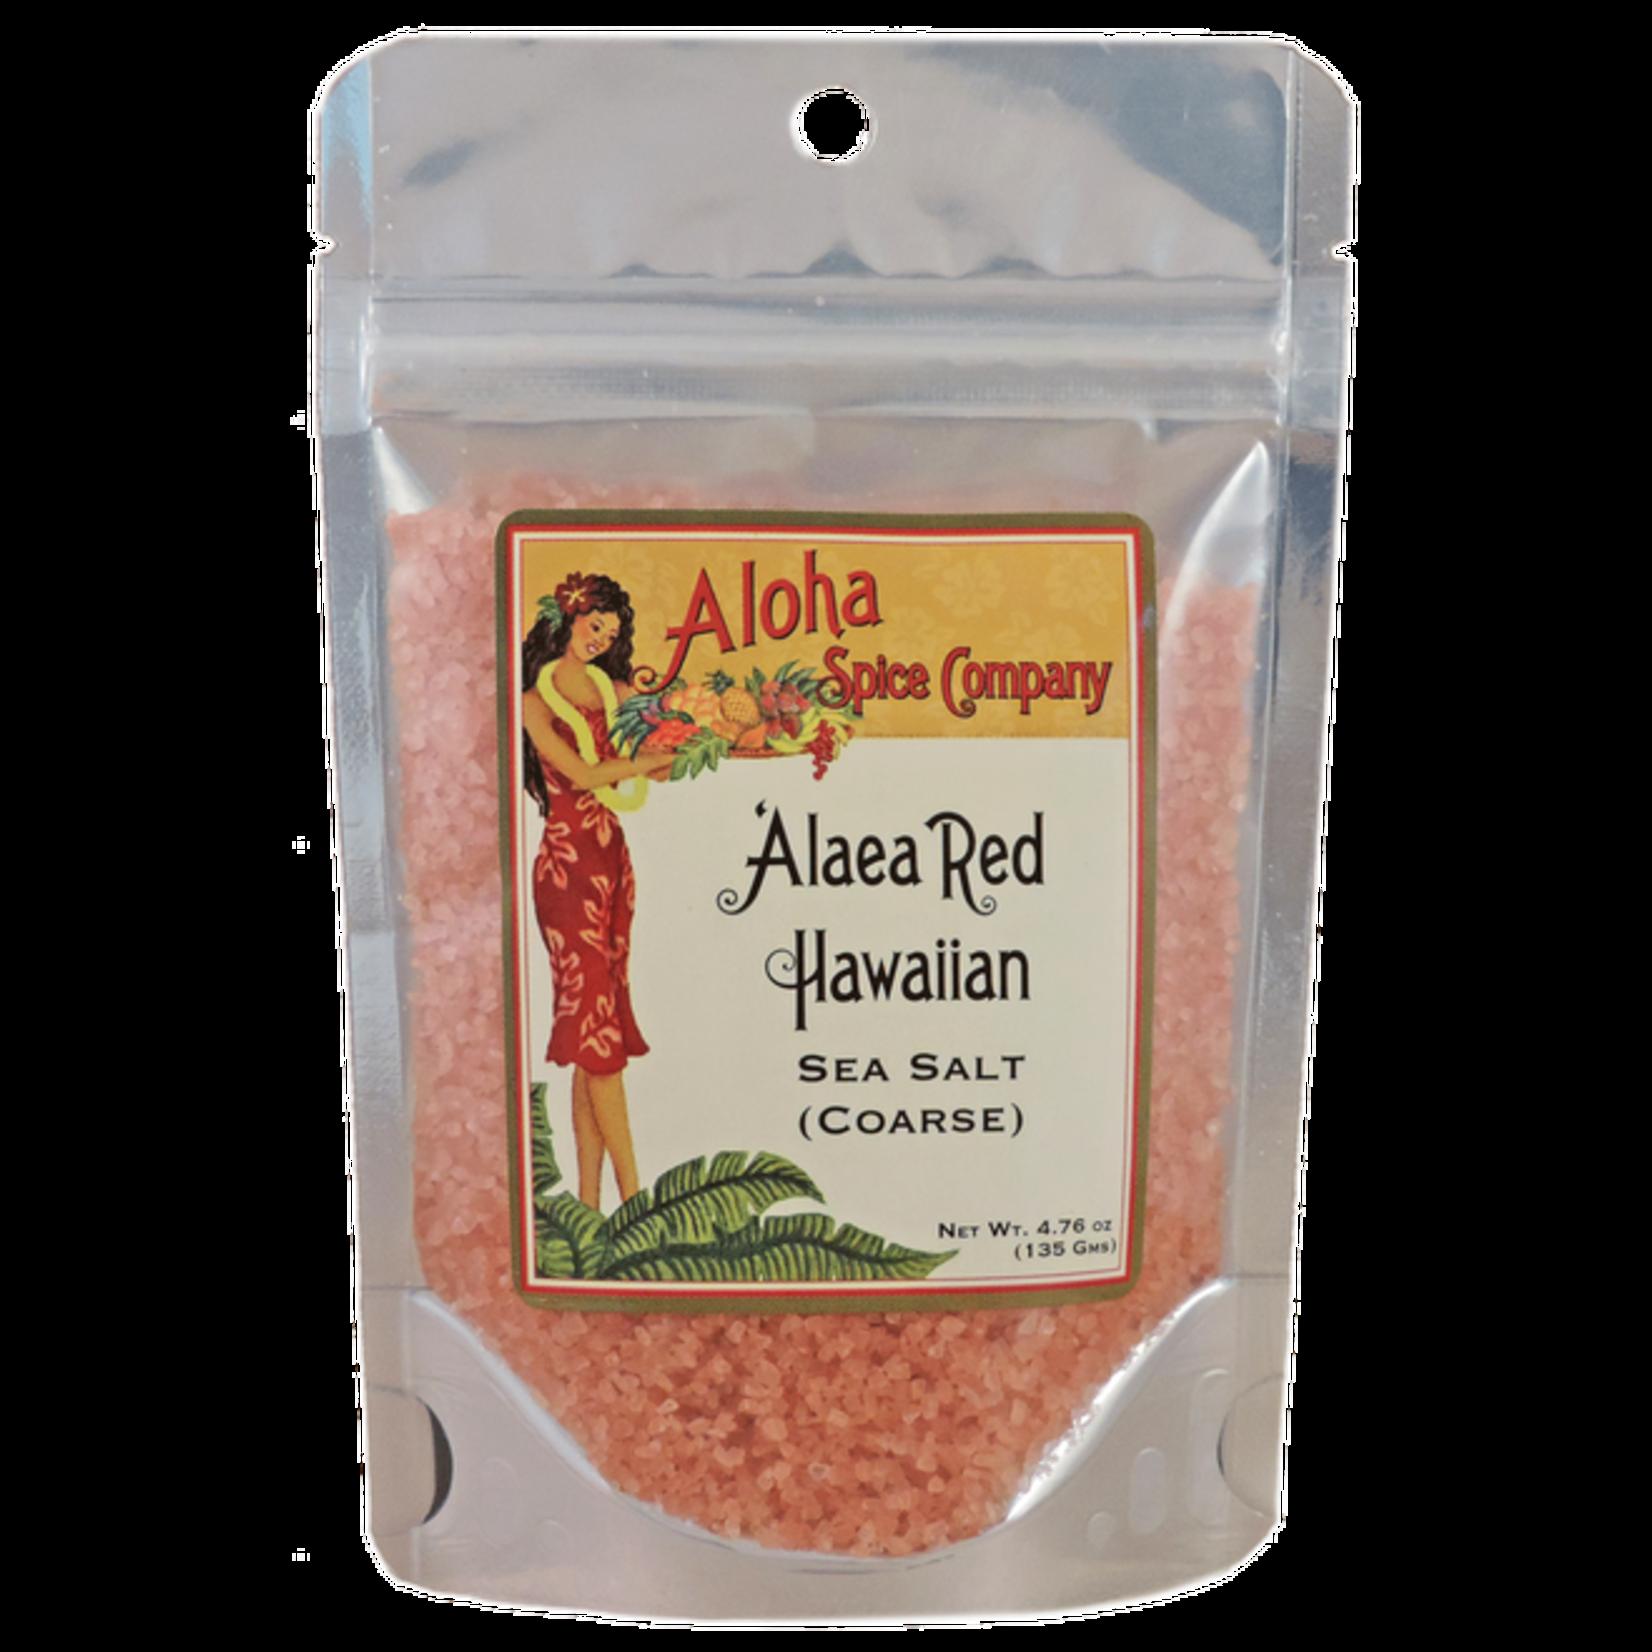 Aloha Spice Co. Aloha Red Coarse Salt Bag